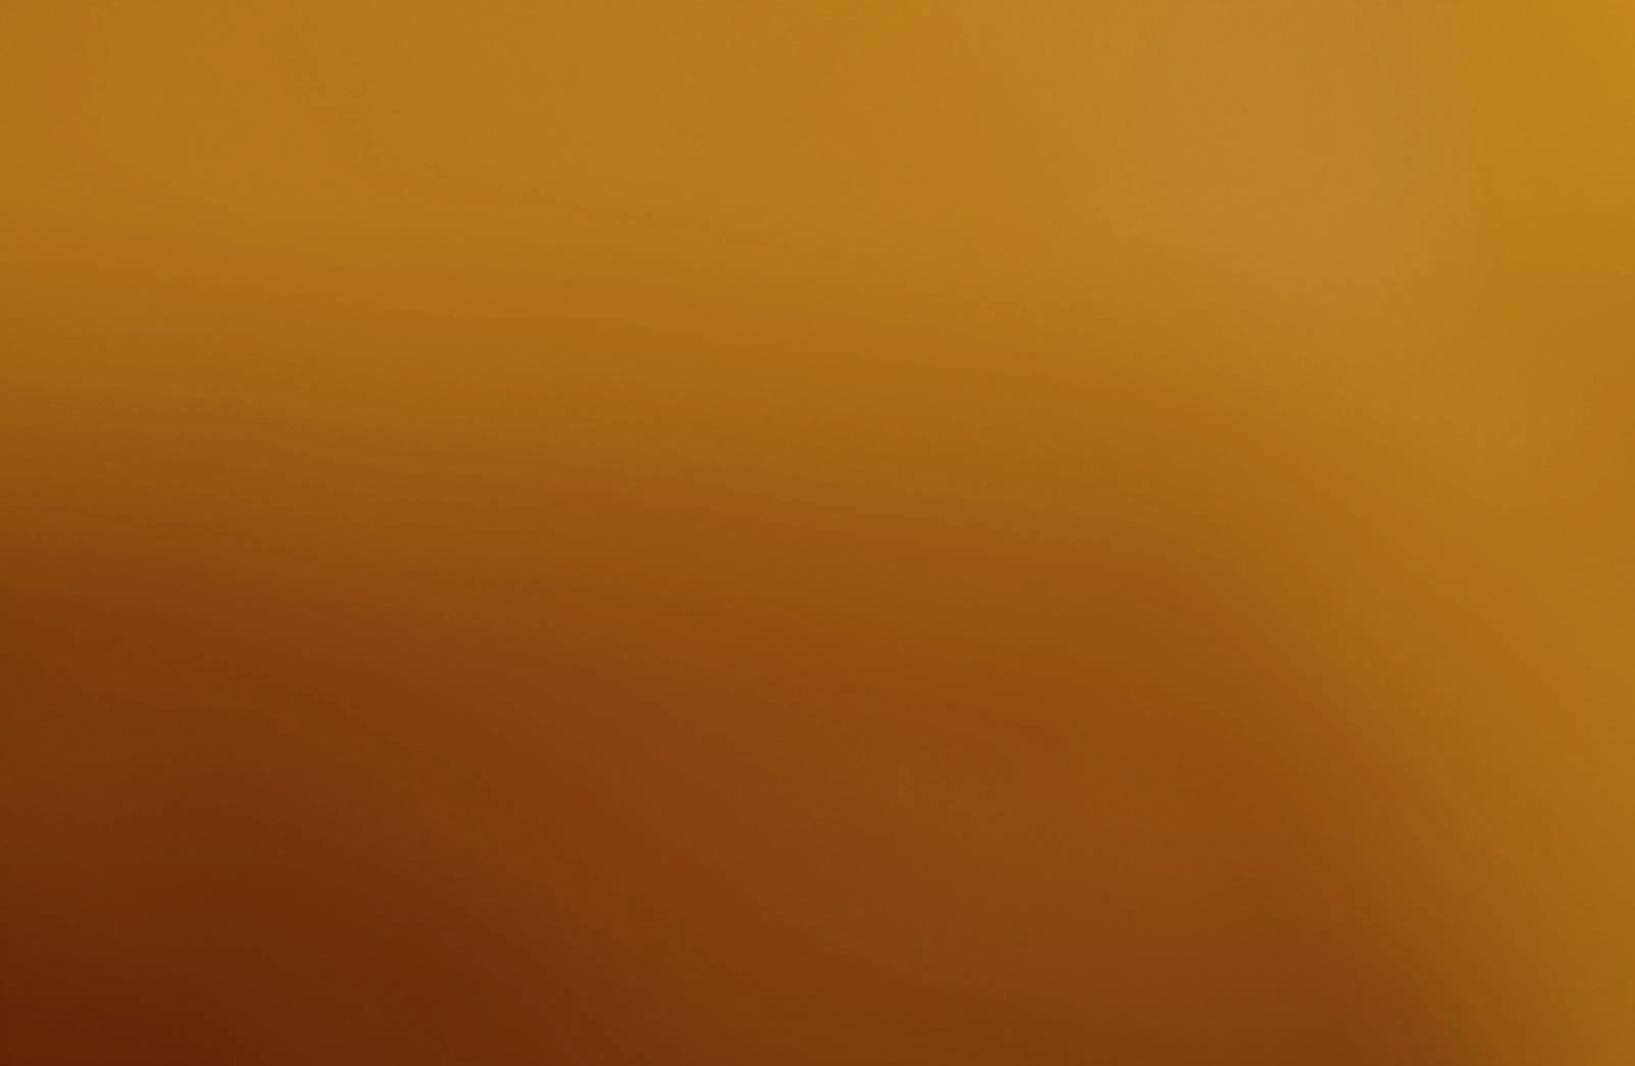 Bildschirmfoto 2018-10-17 um 16.05.35.png